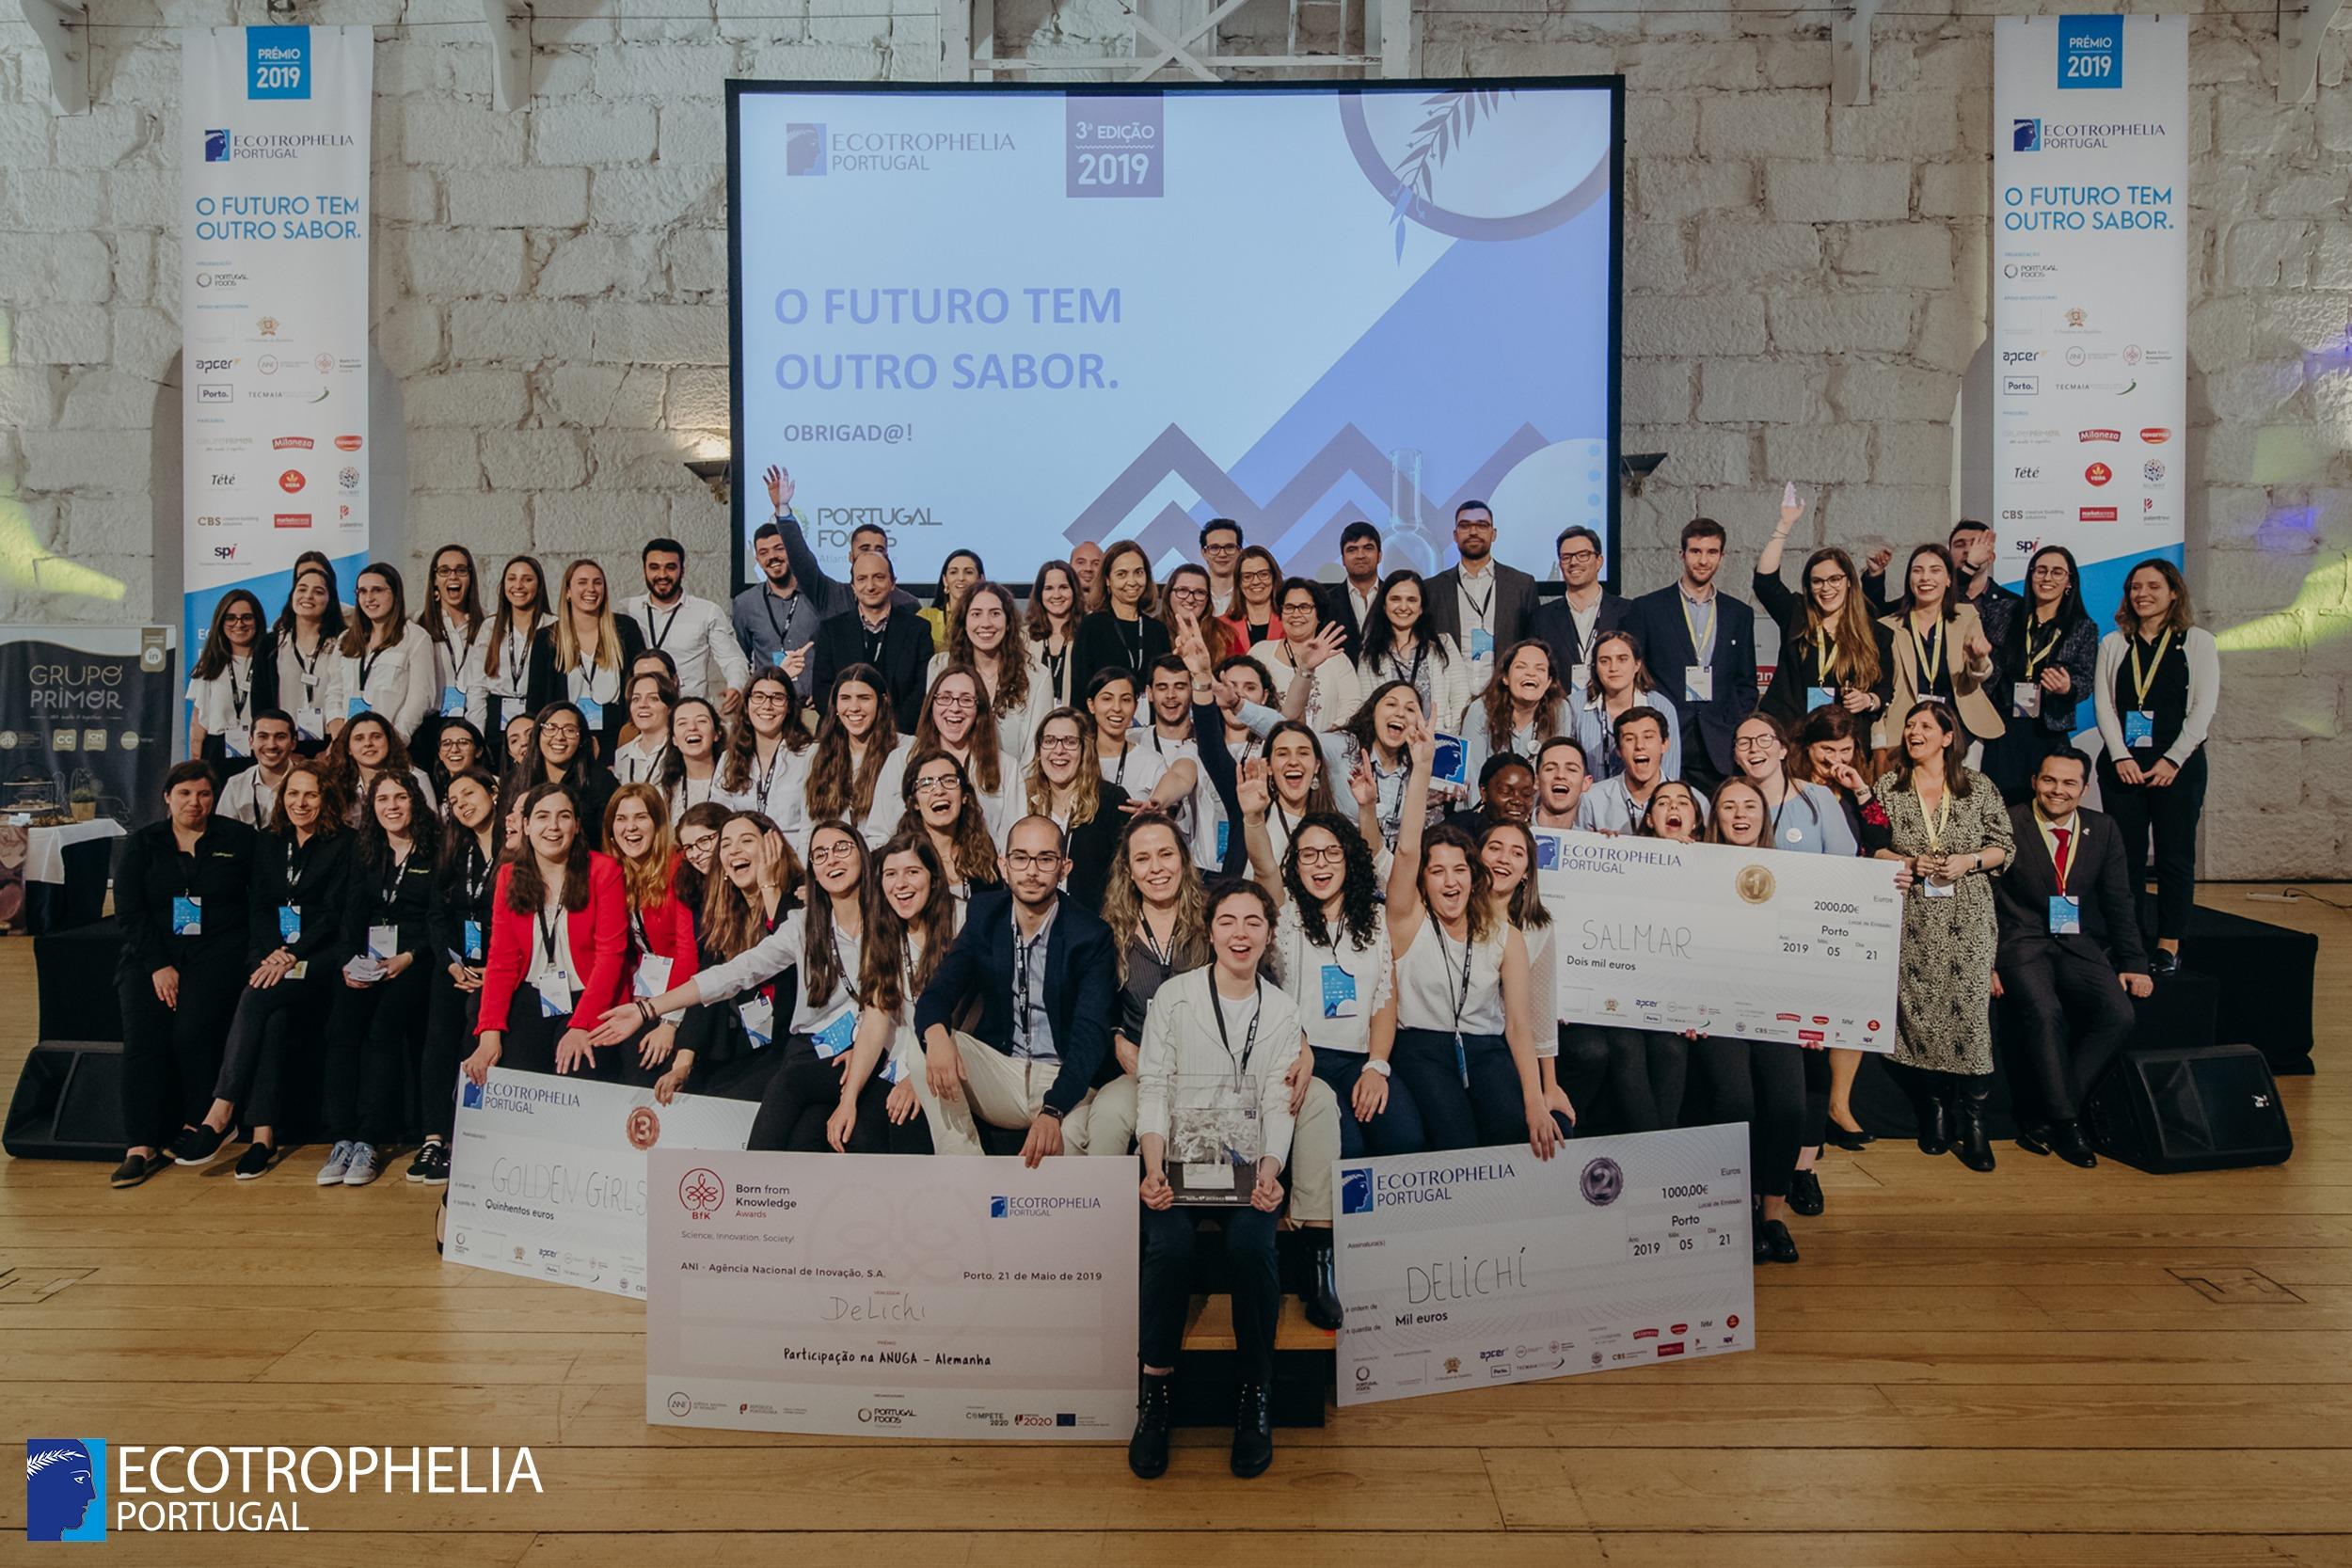 Ecotrophelia Portugal, Media, Vídeo, Resumo ECOTROPHELIA Portugal 2019